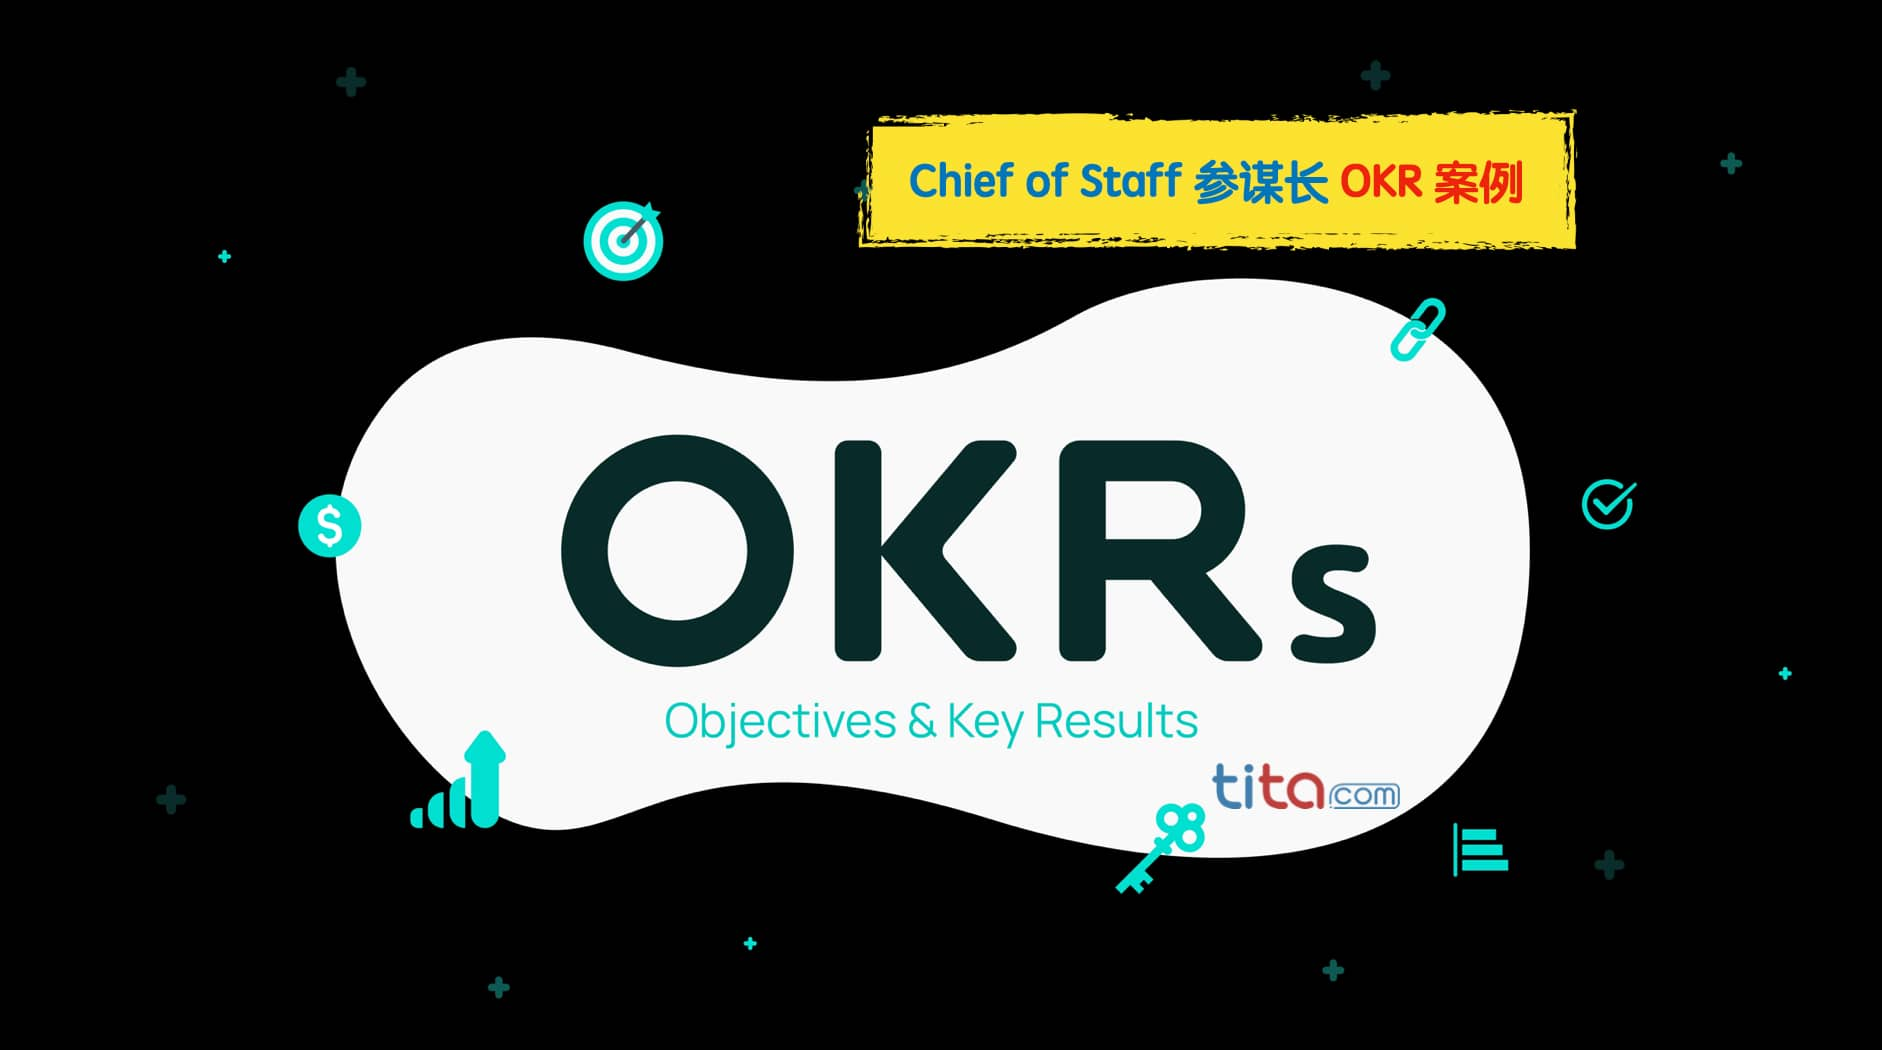 新型职位参谋长的OKR案例 - Chief of Staff